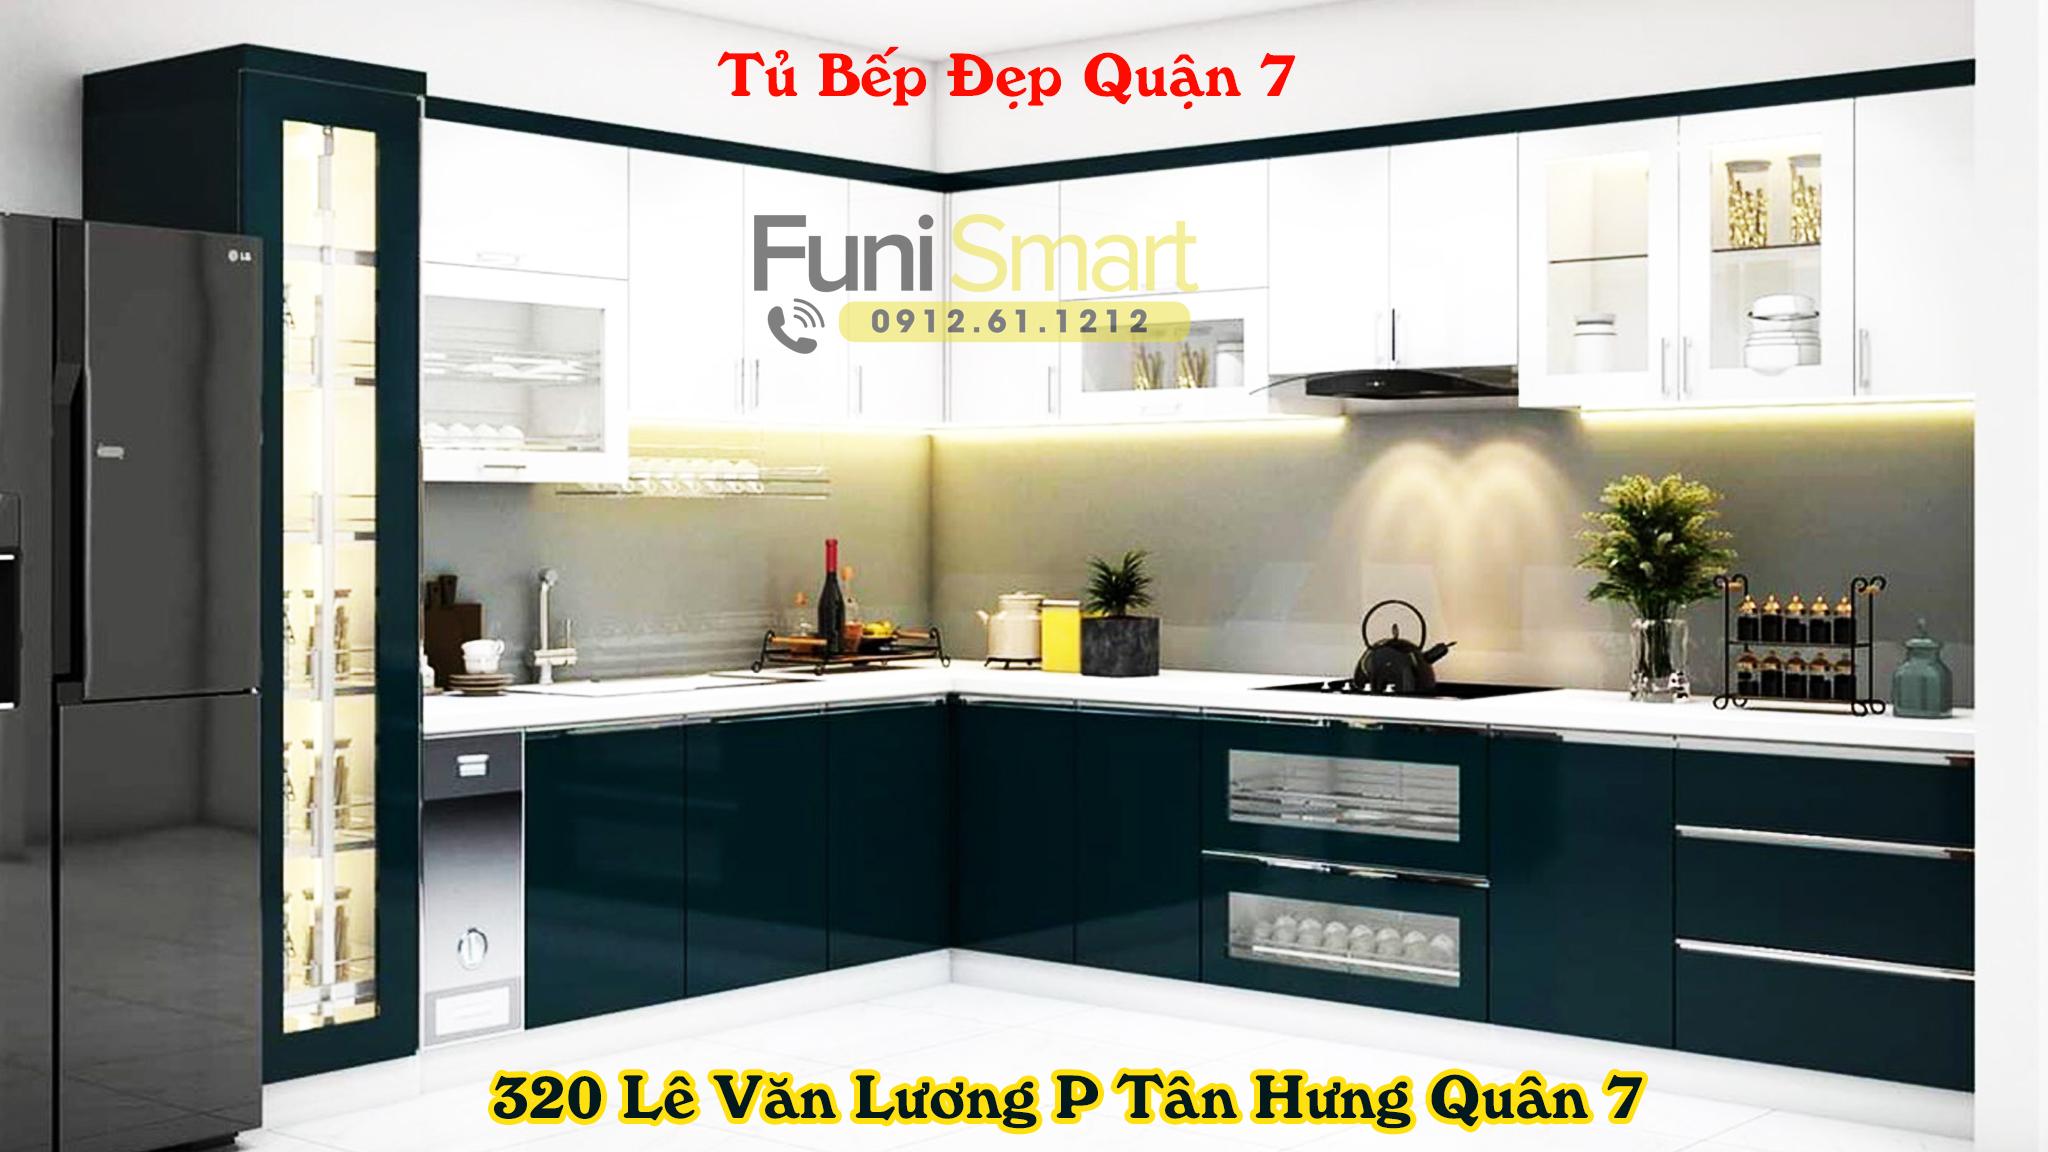 Tủ bếp đẹp quận 7 uy tín Funismart